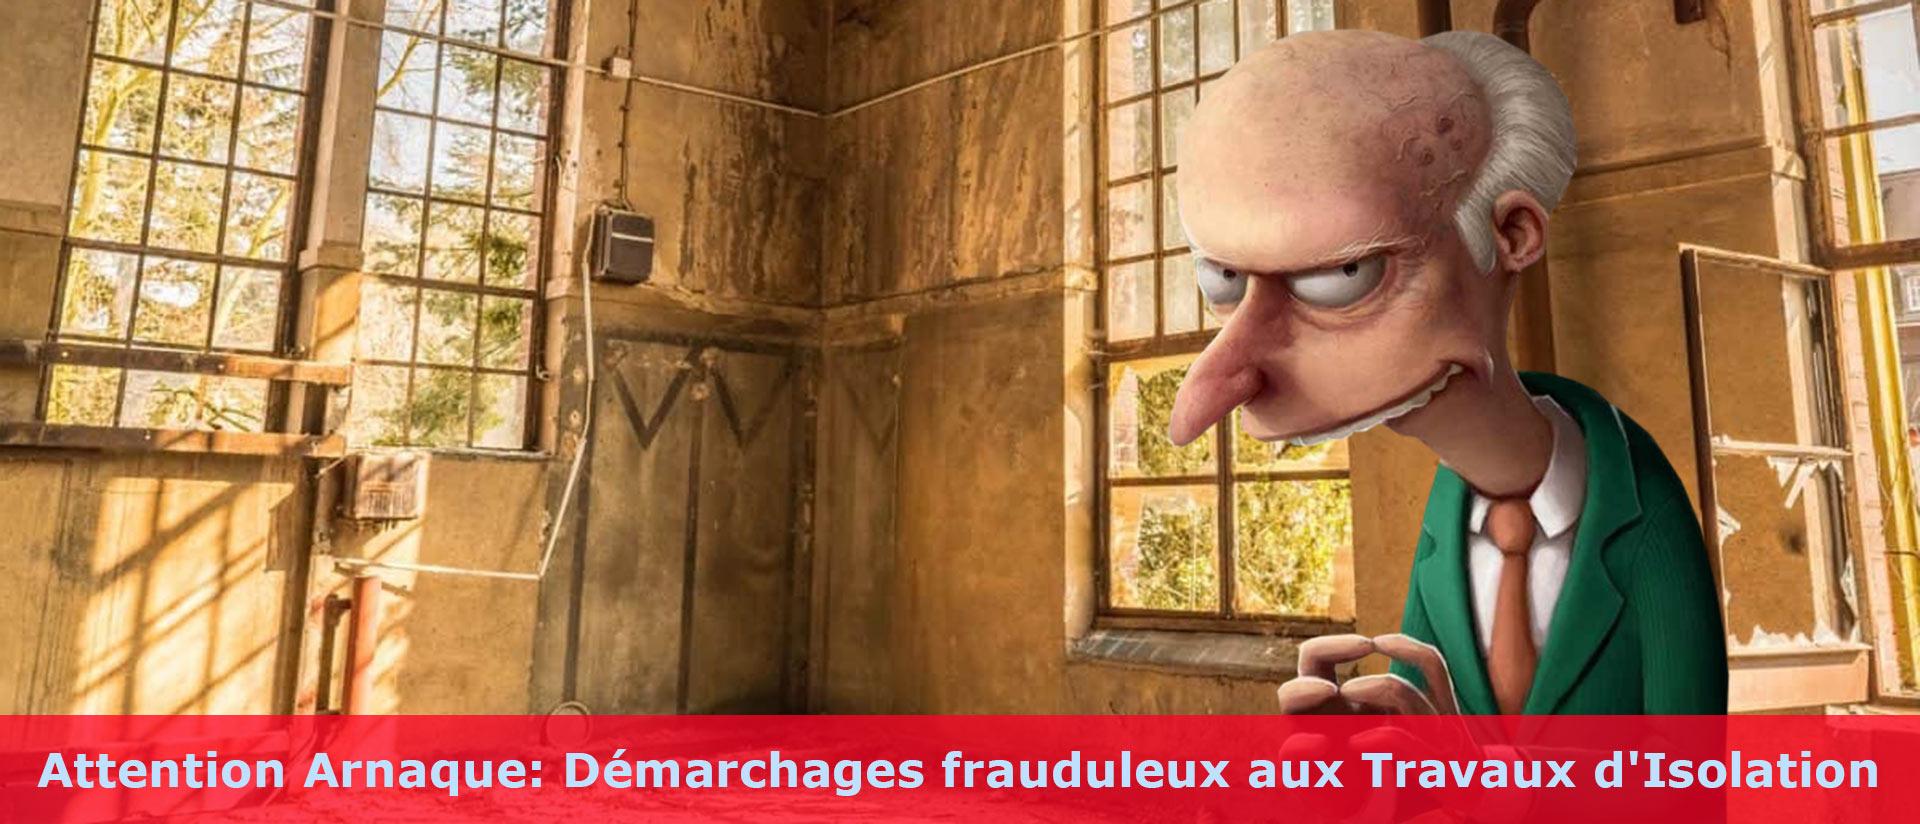 Attention Arnaque: Démarchages frauduleux aux Travaux d'Isolation